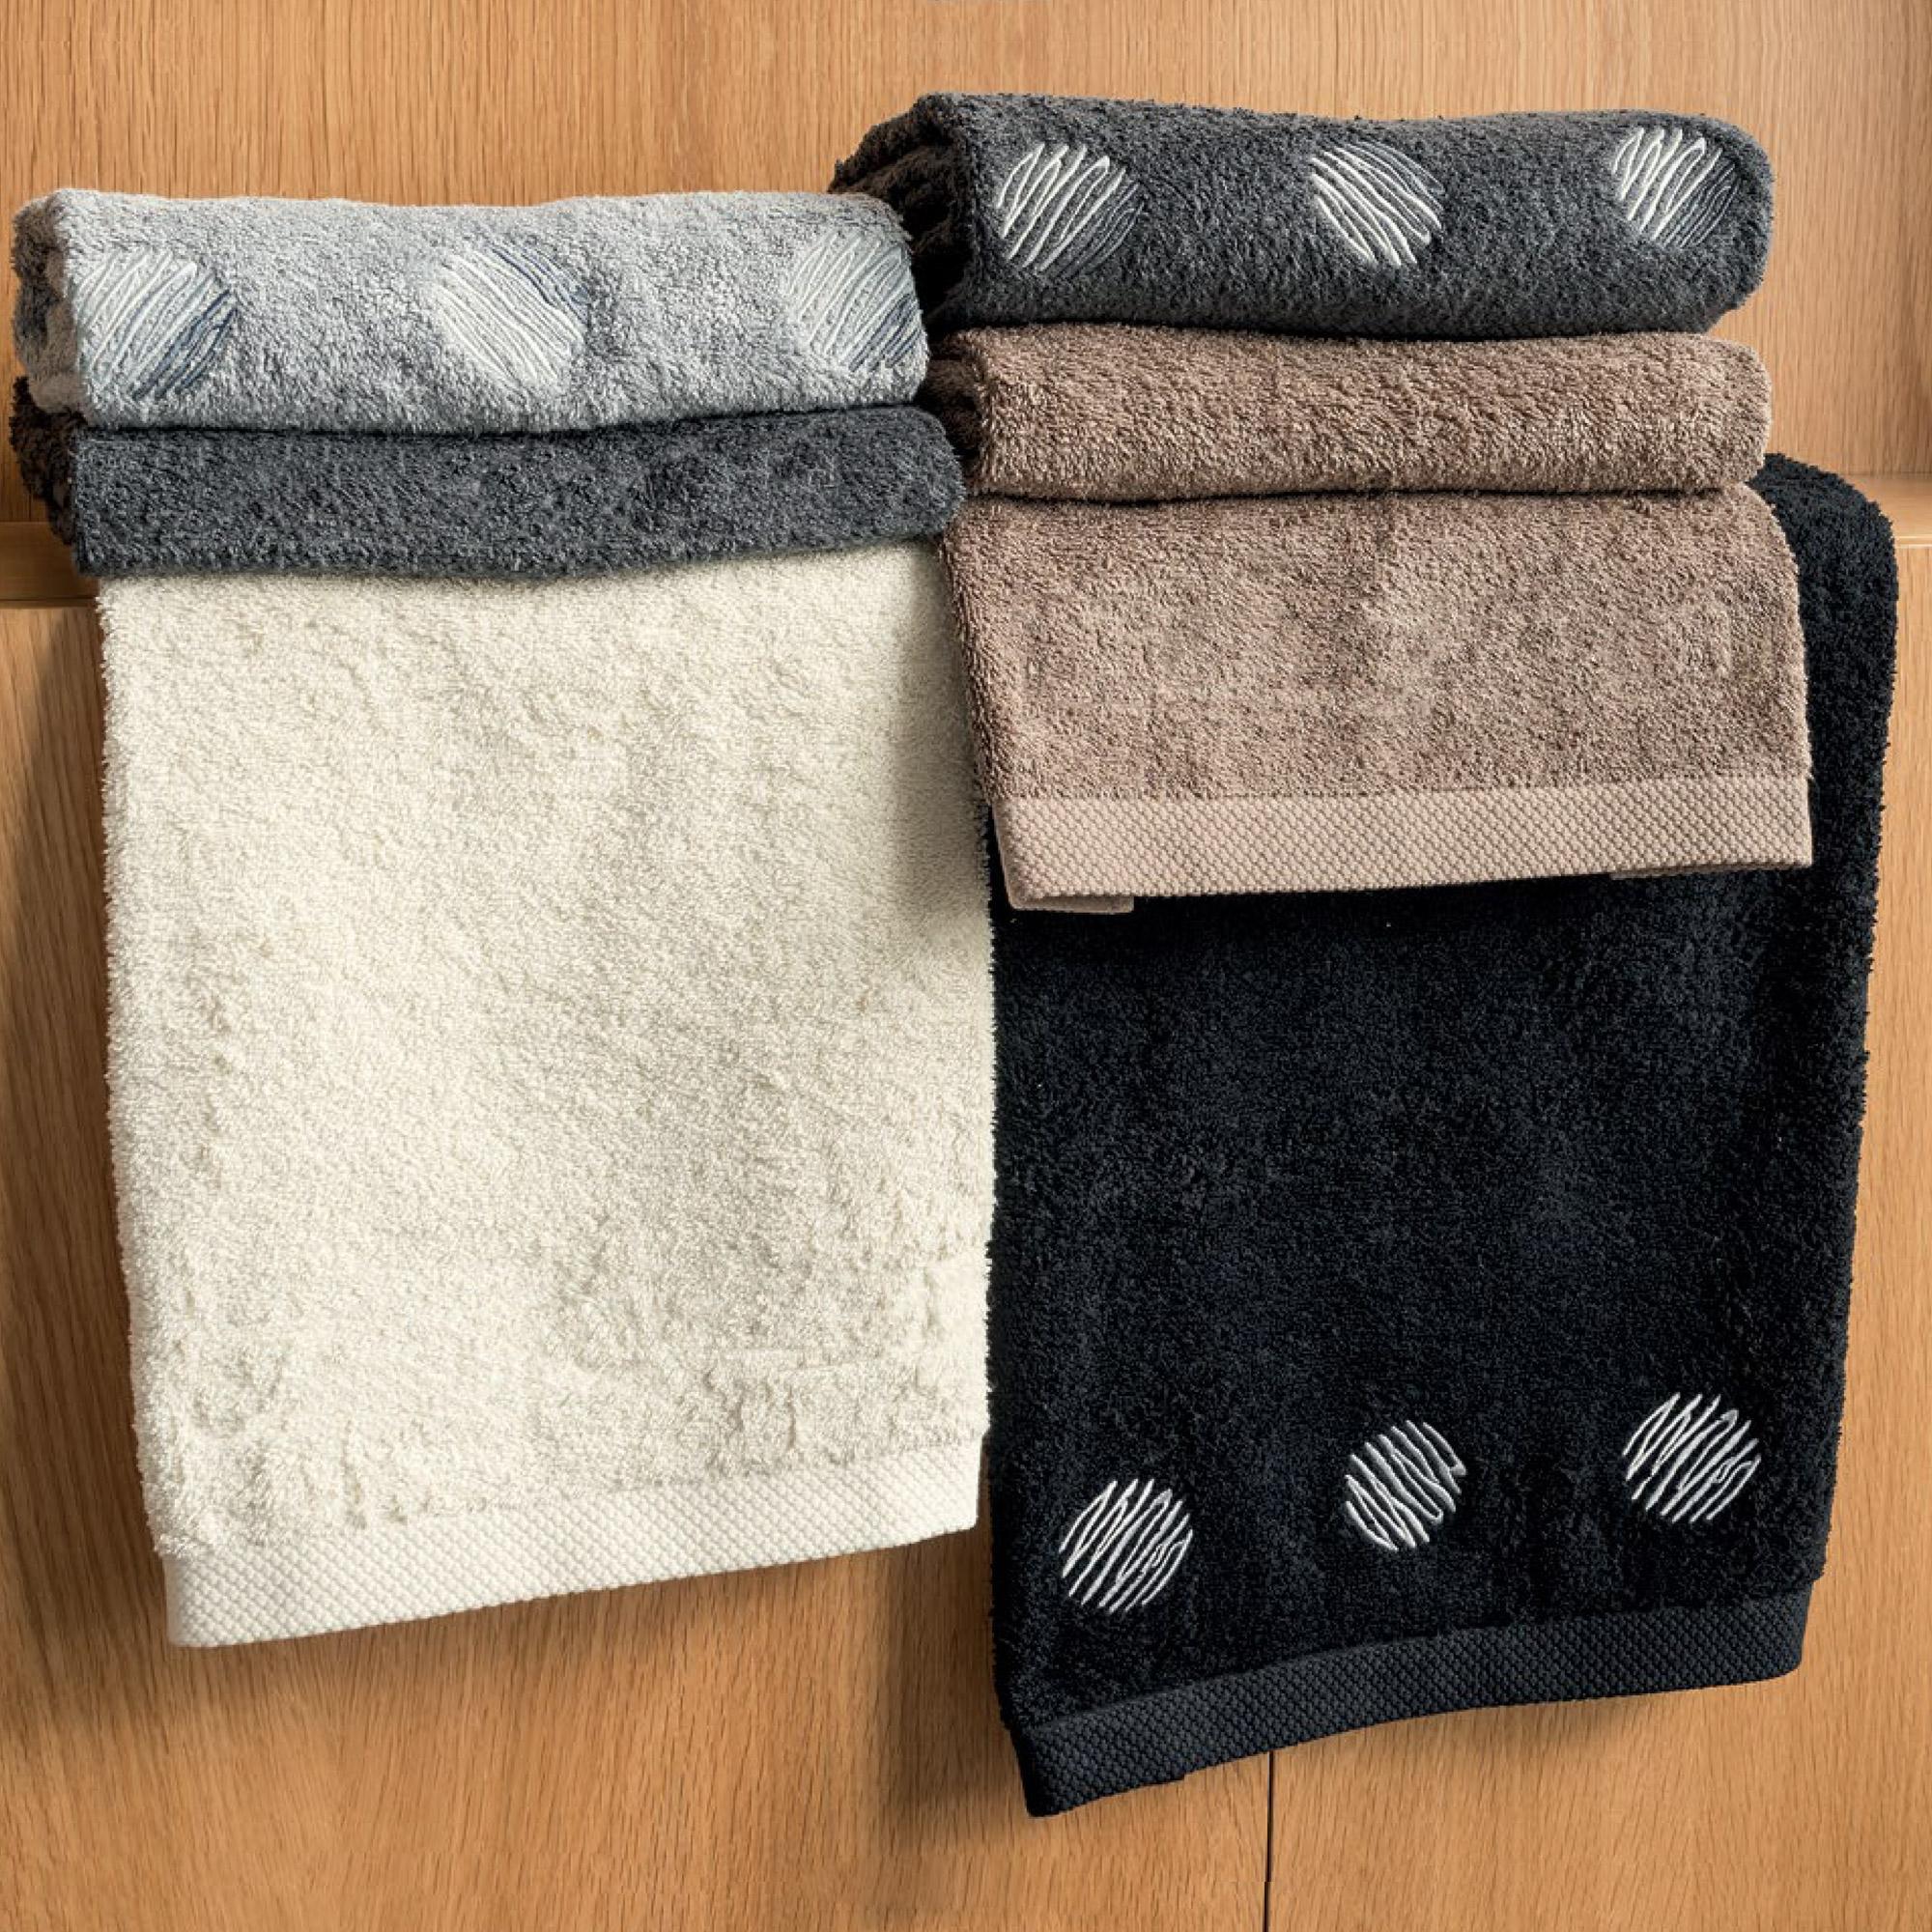 Serviette-invite-33x50-100-coton-550g-m2-PURE-GLOBO-Noir